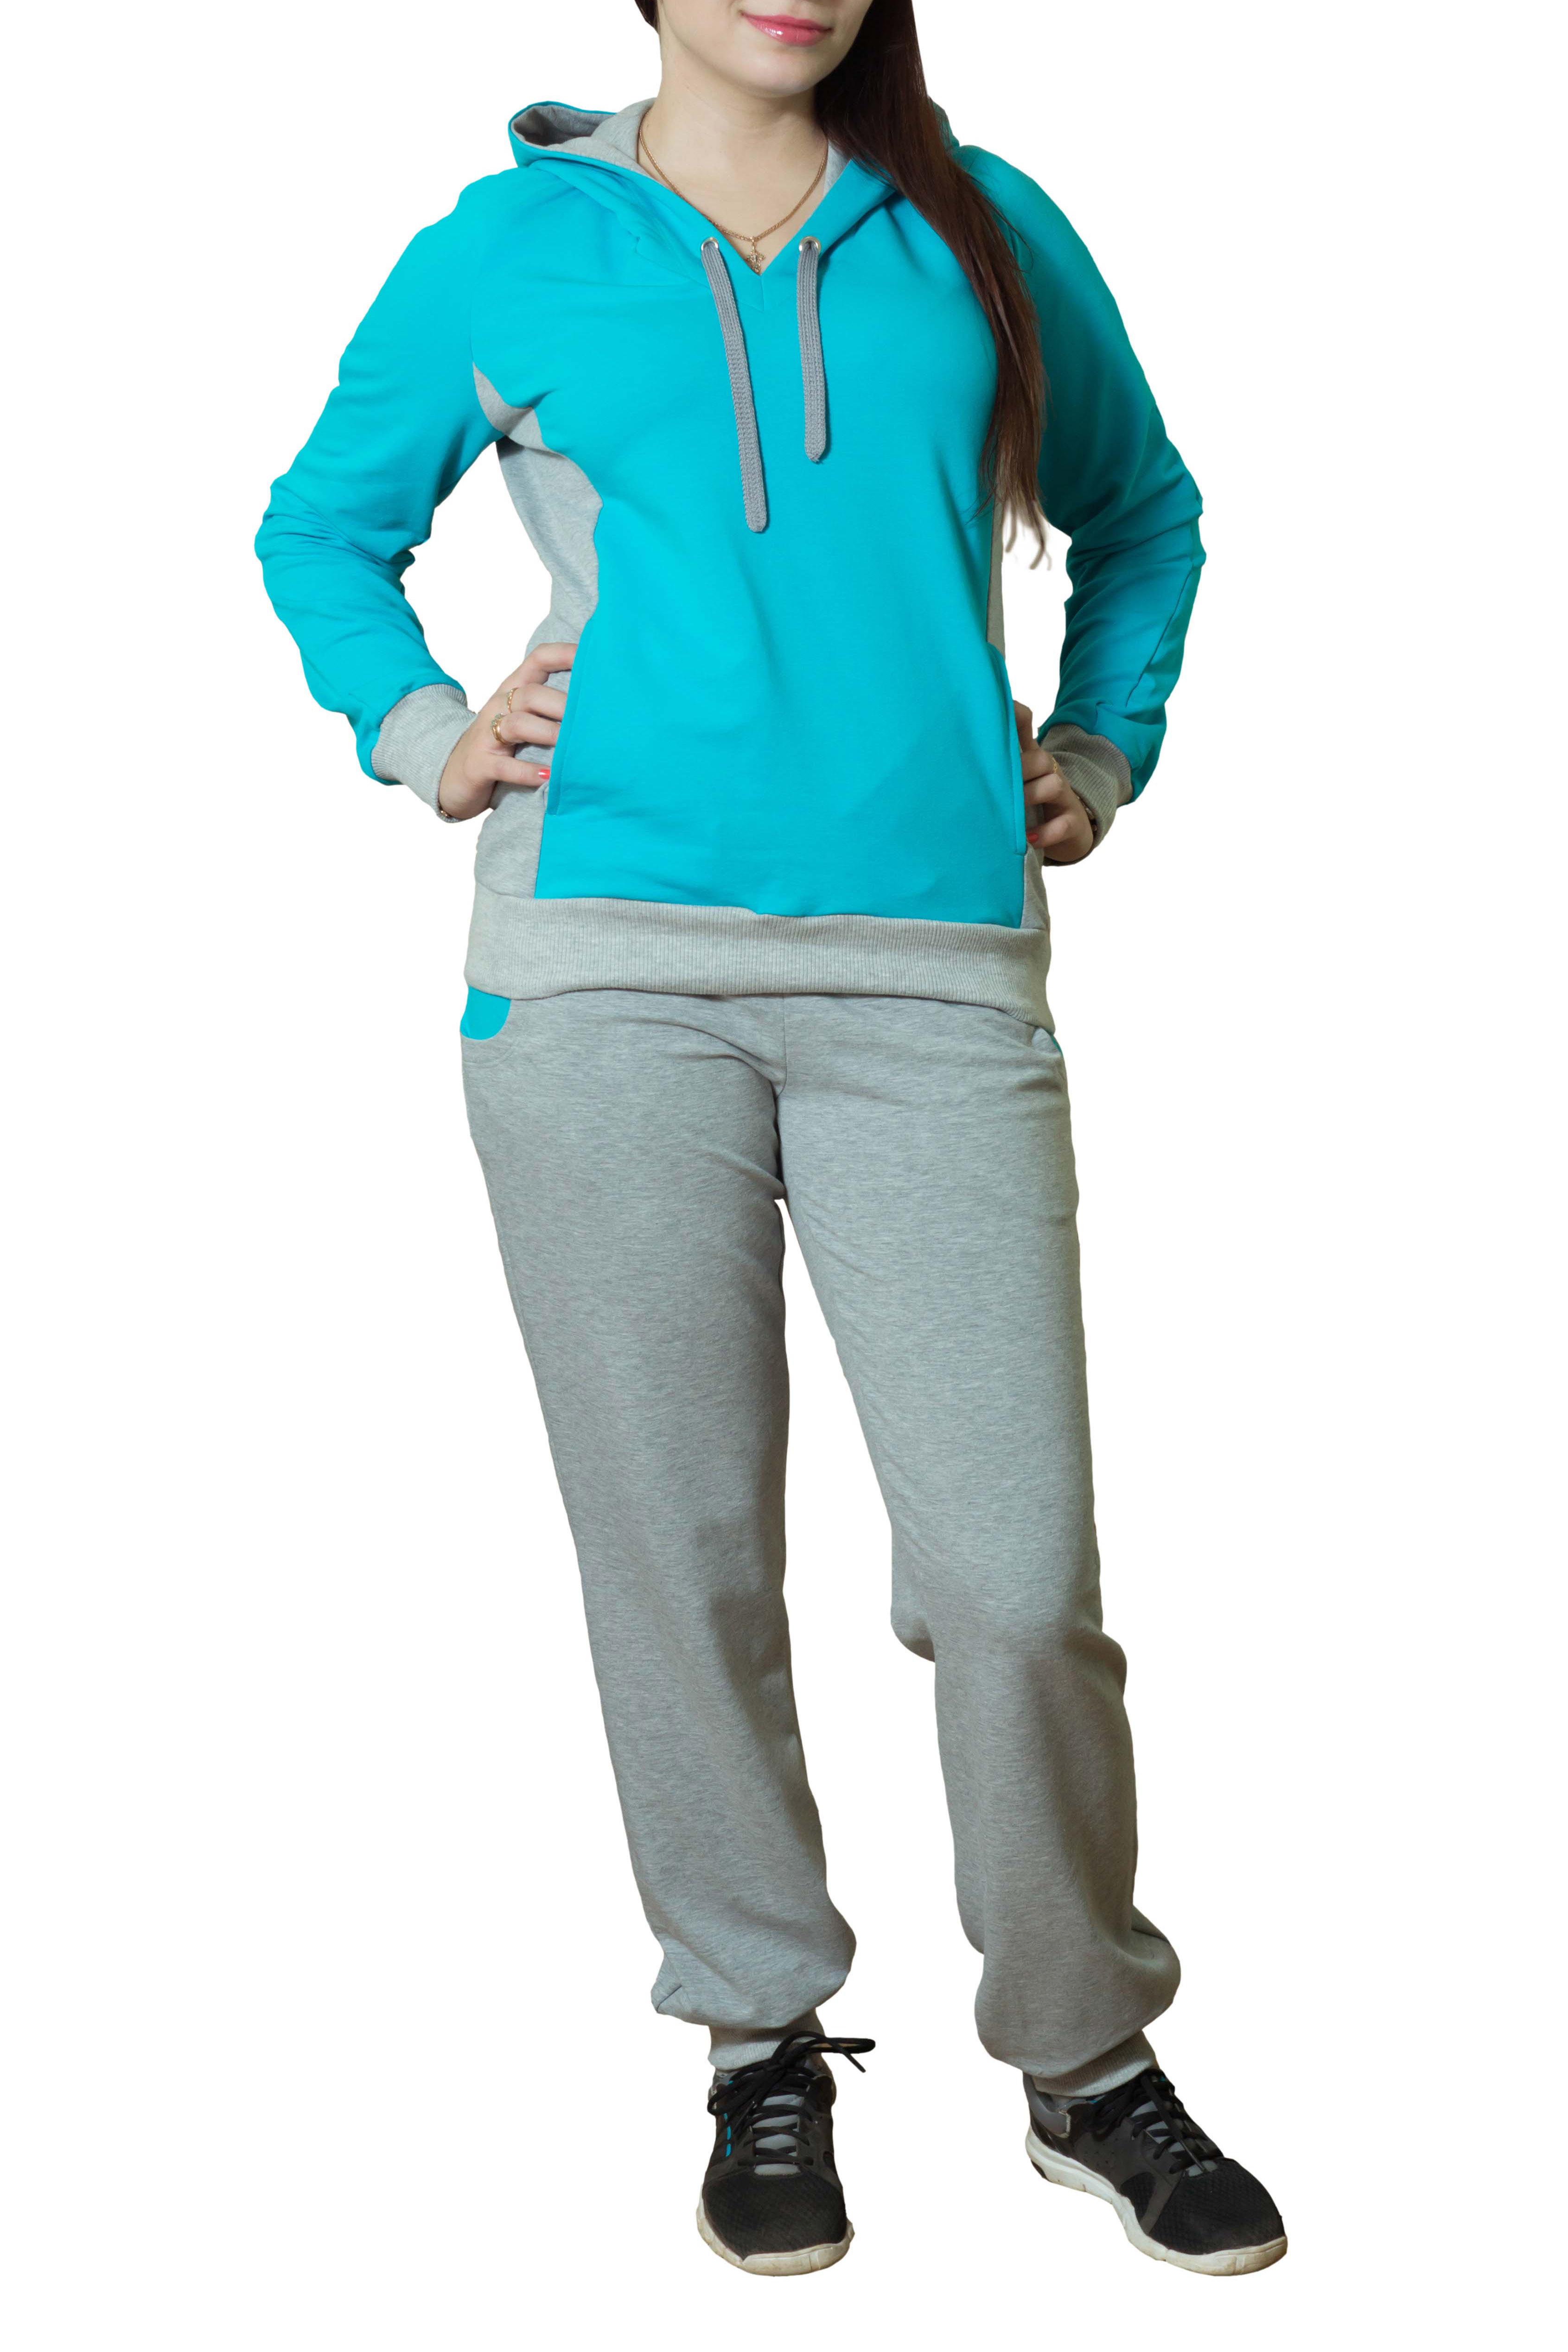 Спортивный костюмСпортивные костюмы<br>Женский спортивный костюм с капюшоном и длинными рукавами. Модель выполнена из хлопковой ткани. Отличный выбор для активного отдыха.  Цвет: серый, голубой<br><br>По длине: Макси<br>По образу: Город<br>По рисунку: Цветные<br>По сезону: Весна,Осень<br>По силуэту: Полуприталенные<br>По форме: Костюм двойка,Брюки<br>По элементам: С капюшоном<br>Рукав: Длинный рукав<br>По материалу: Хлопок<br>По стилю: Спортивный стиль,Молодежный стиль,Повседневный стиль<br>Размер : 44,46,48,50<br>Материал: Трикотаж<br>Количество в наличии: 4